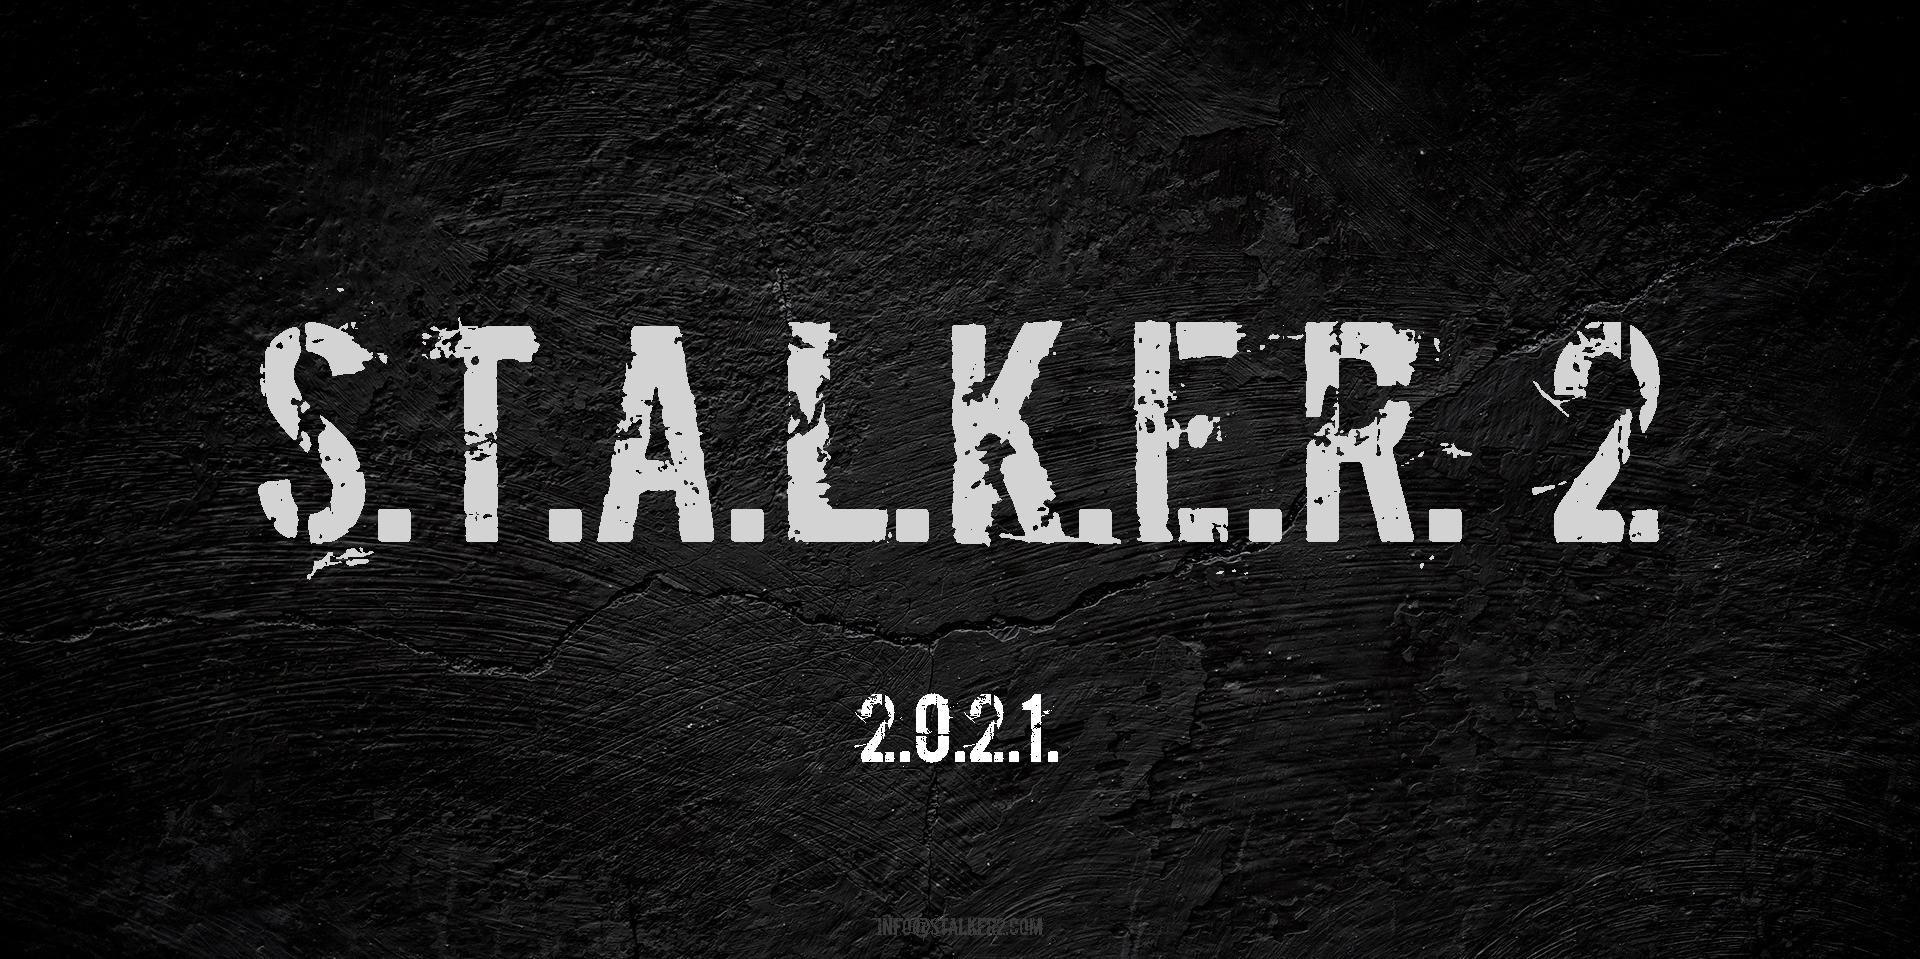 Разработка STALKER 2 официально подтверждена